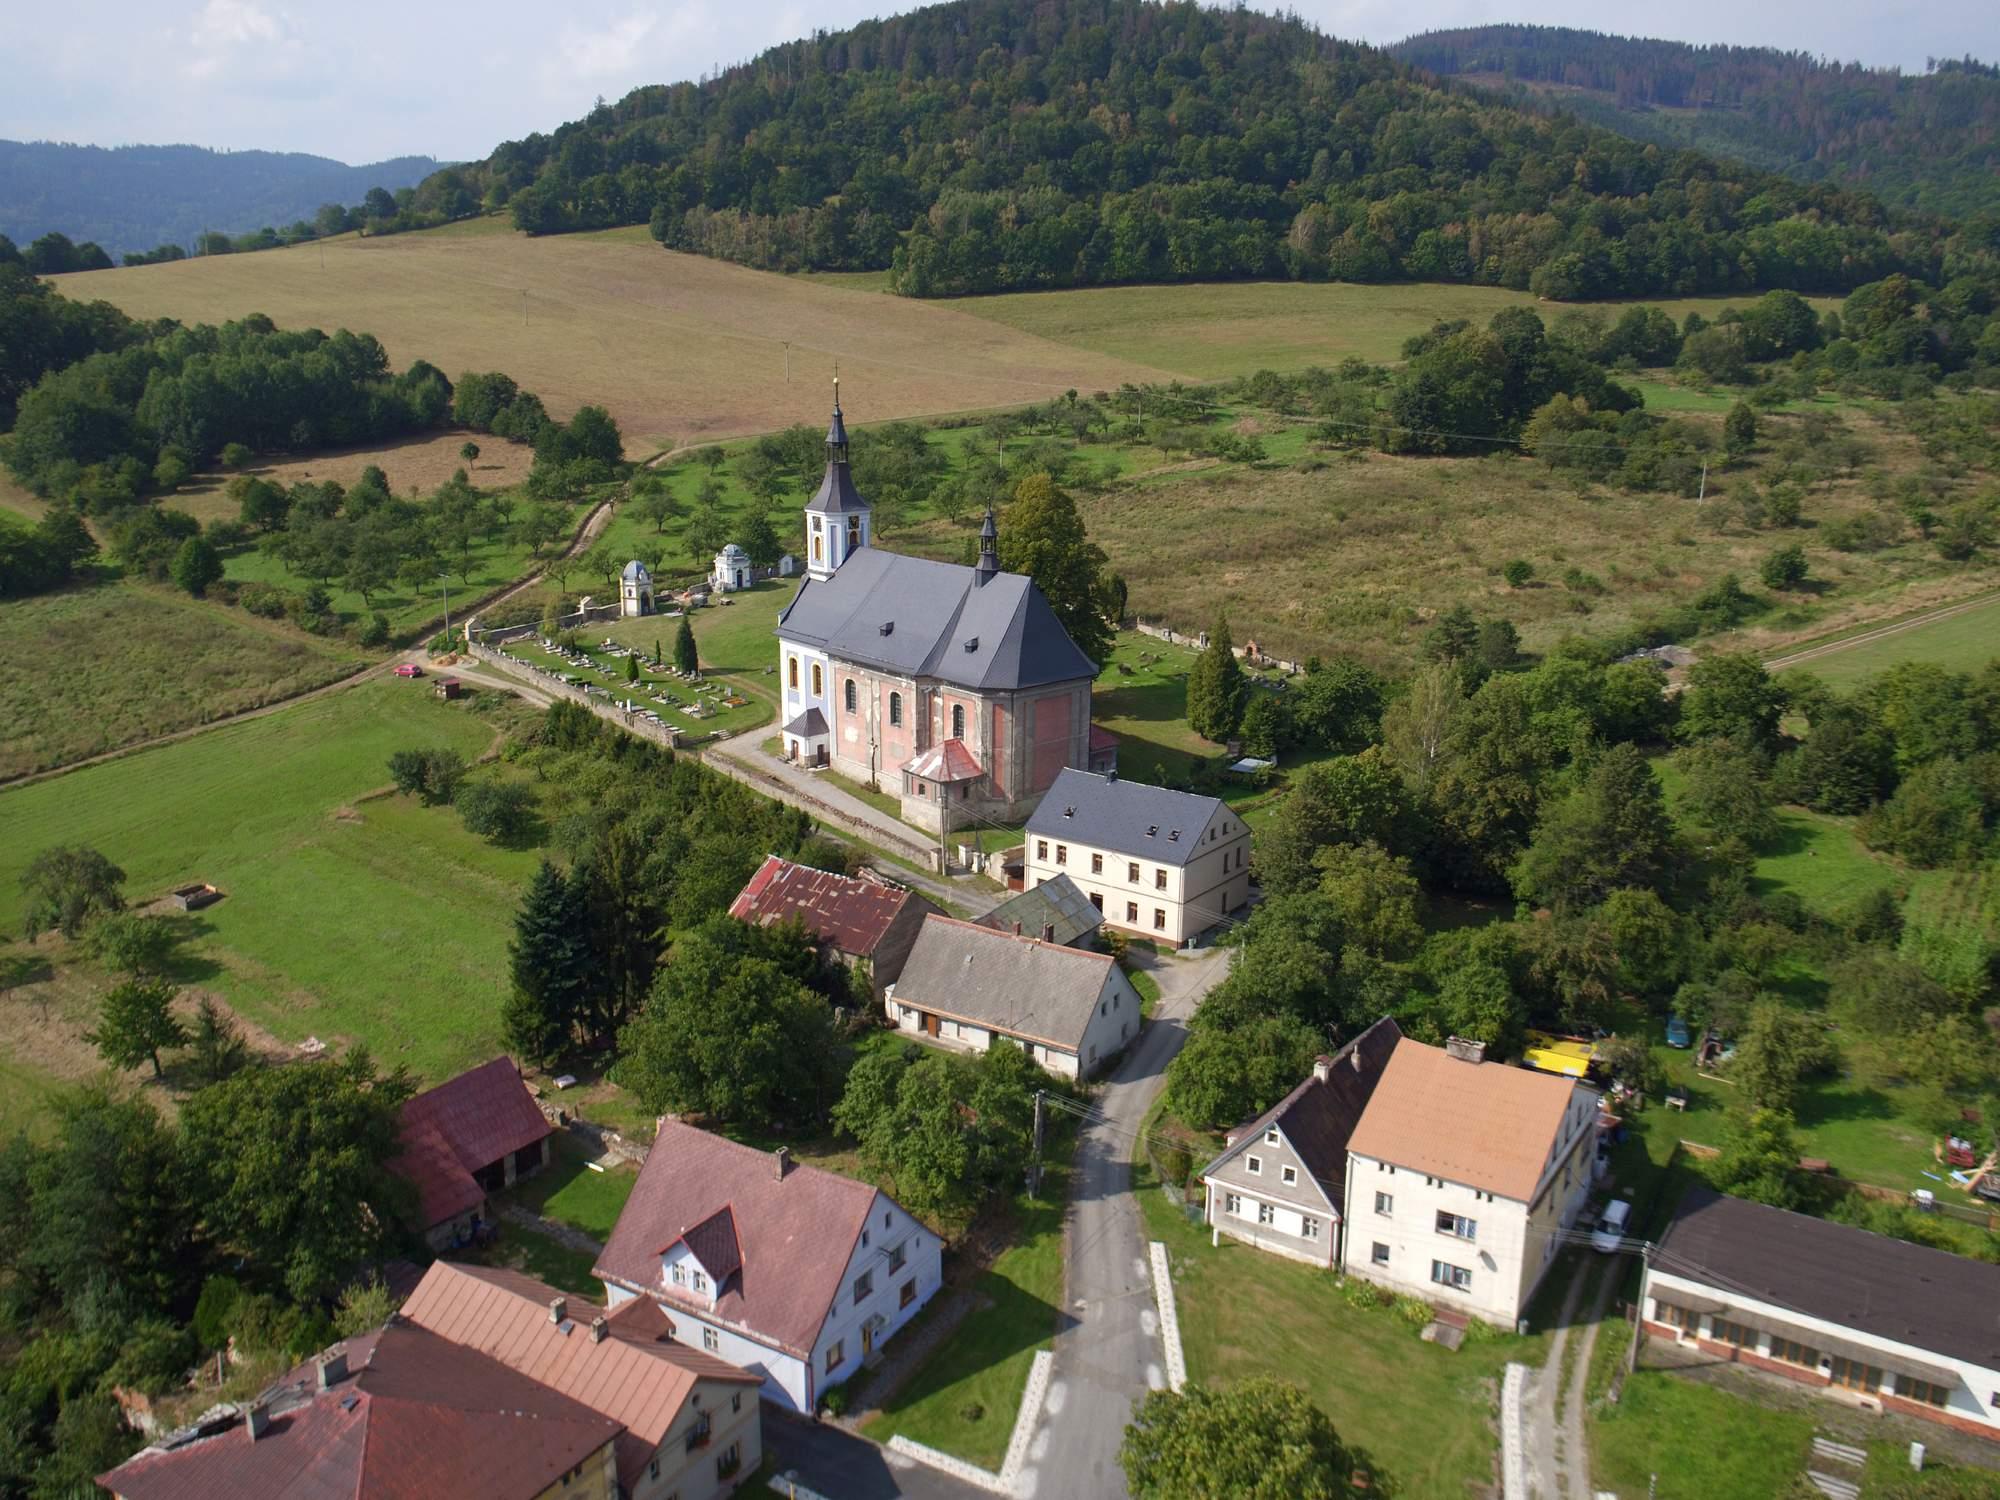 Bohem zapomenutý kraj na Polské hranici